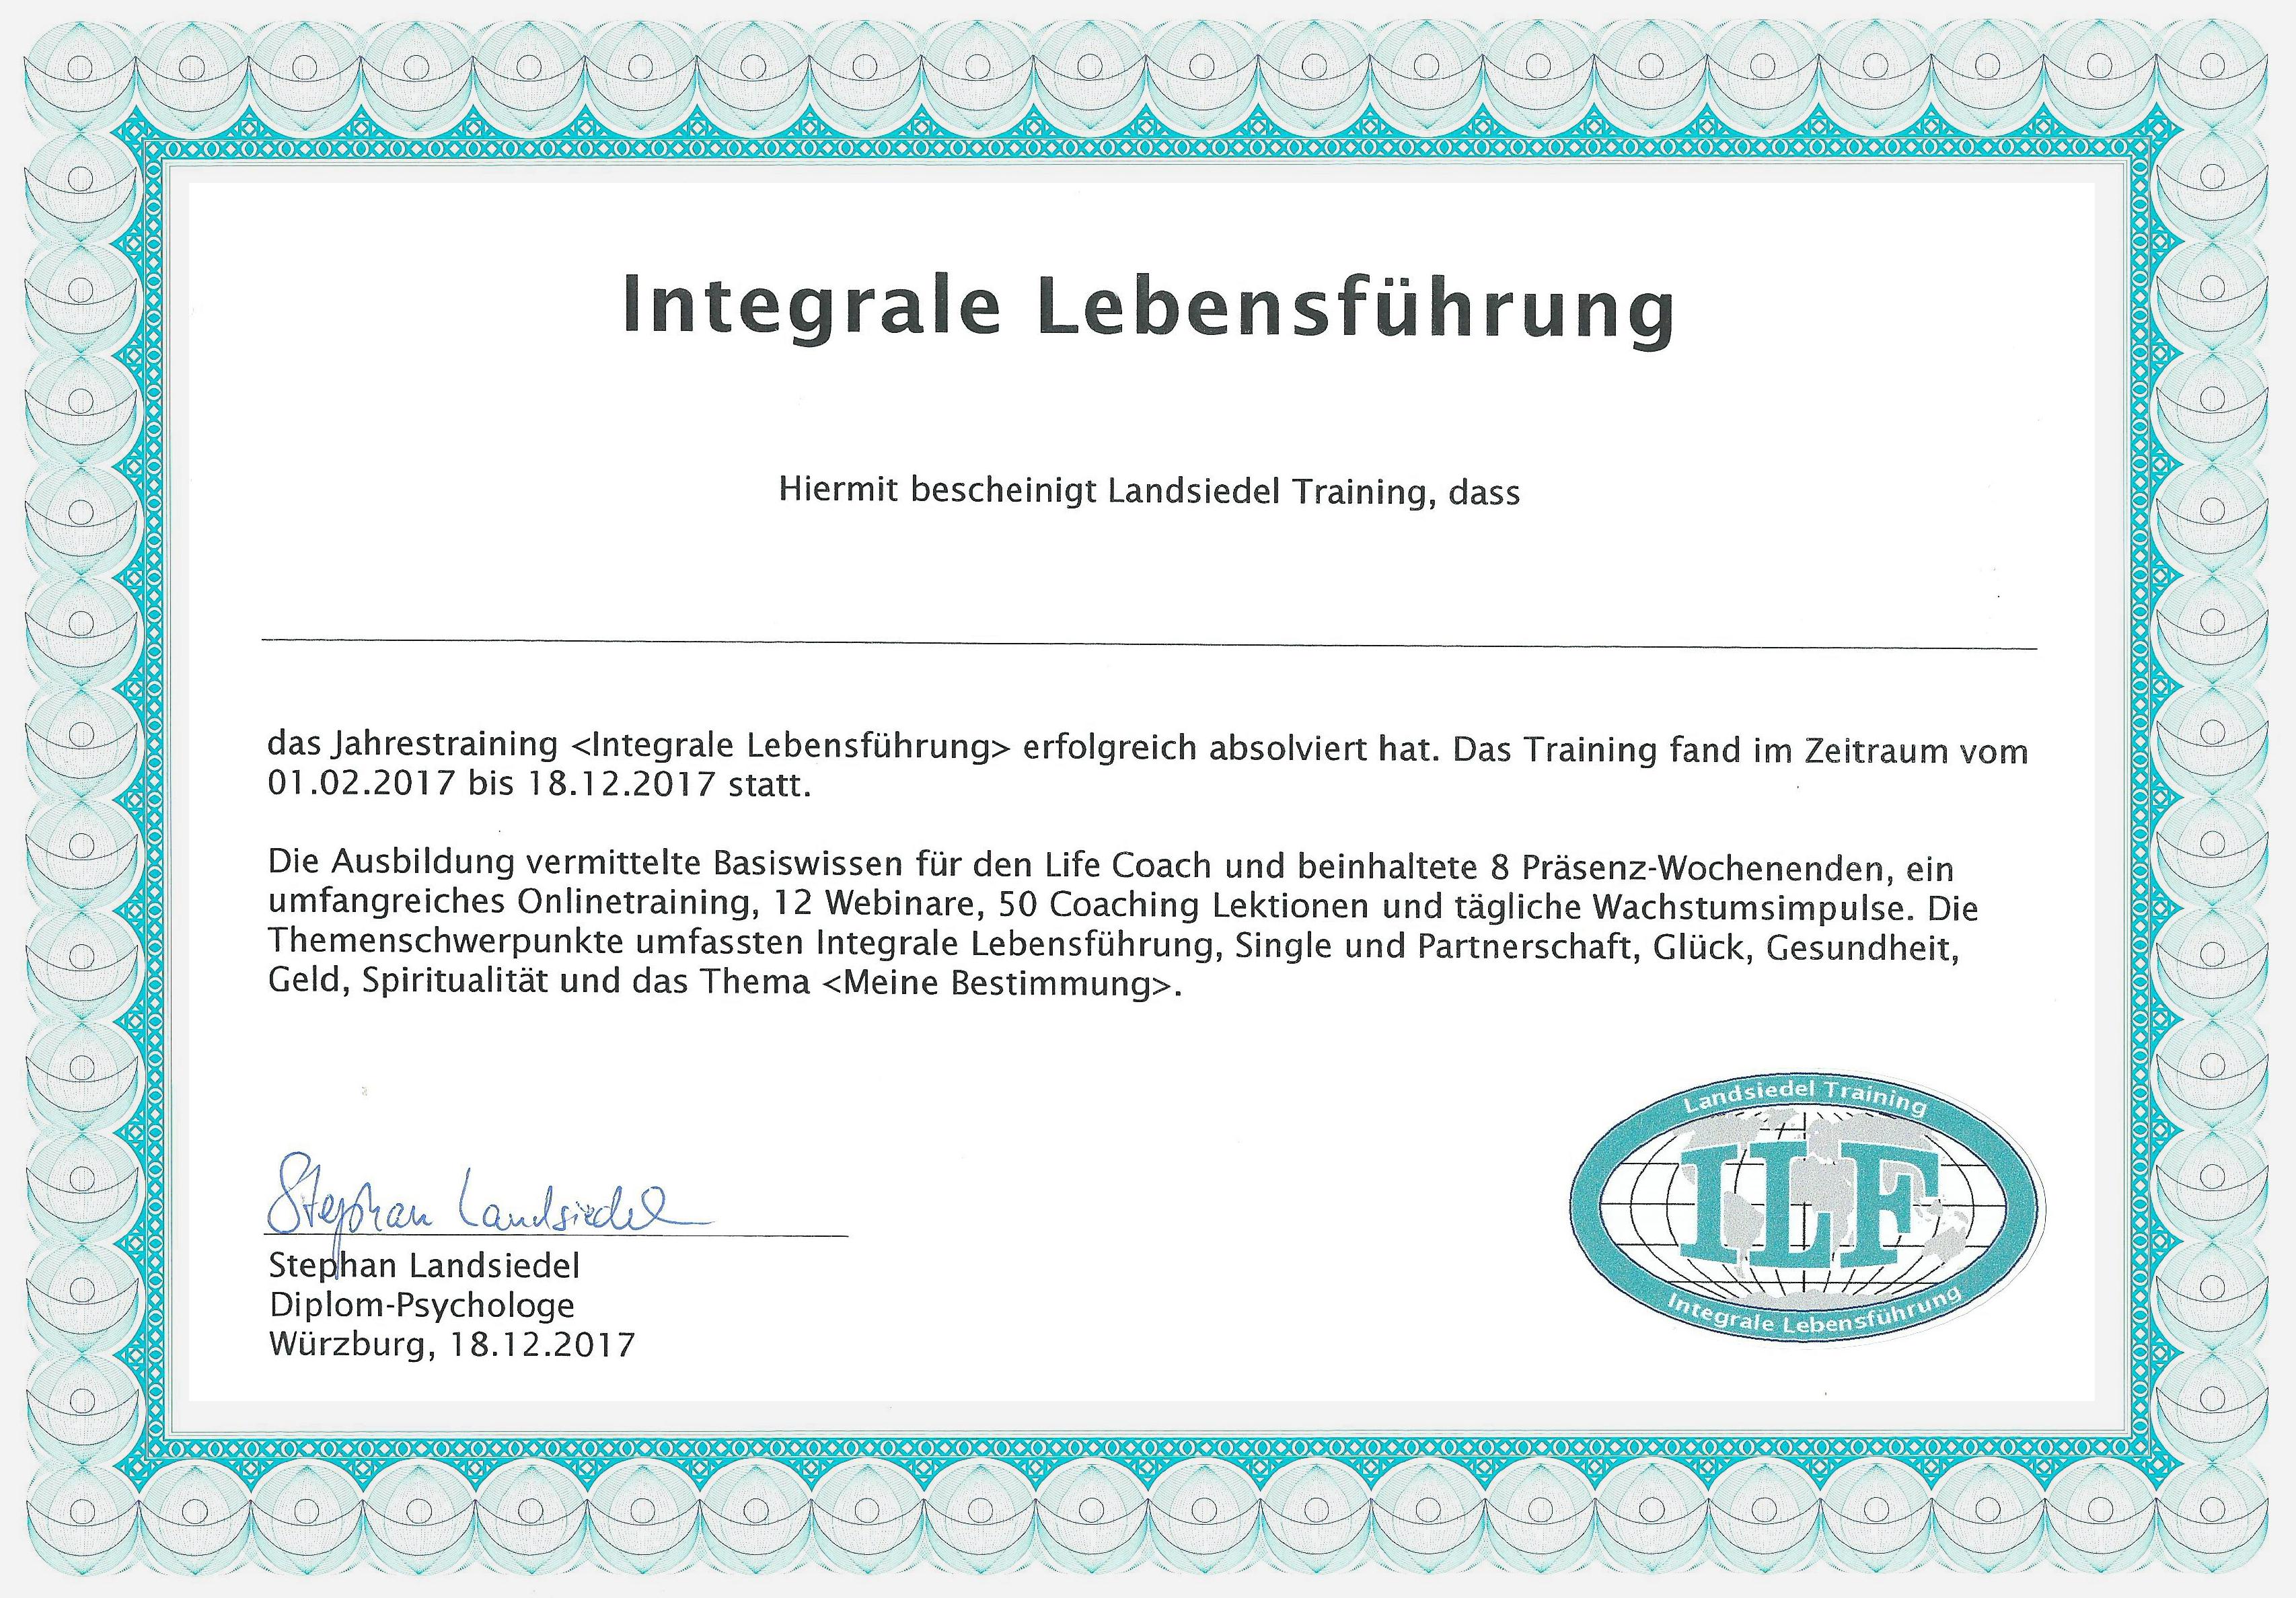 ILF Zertifikat